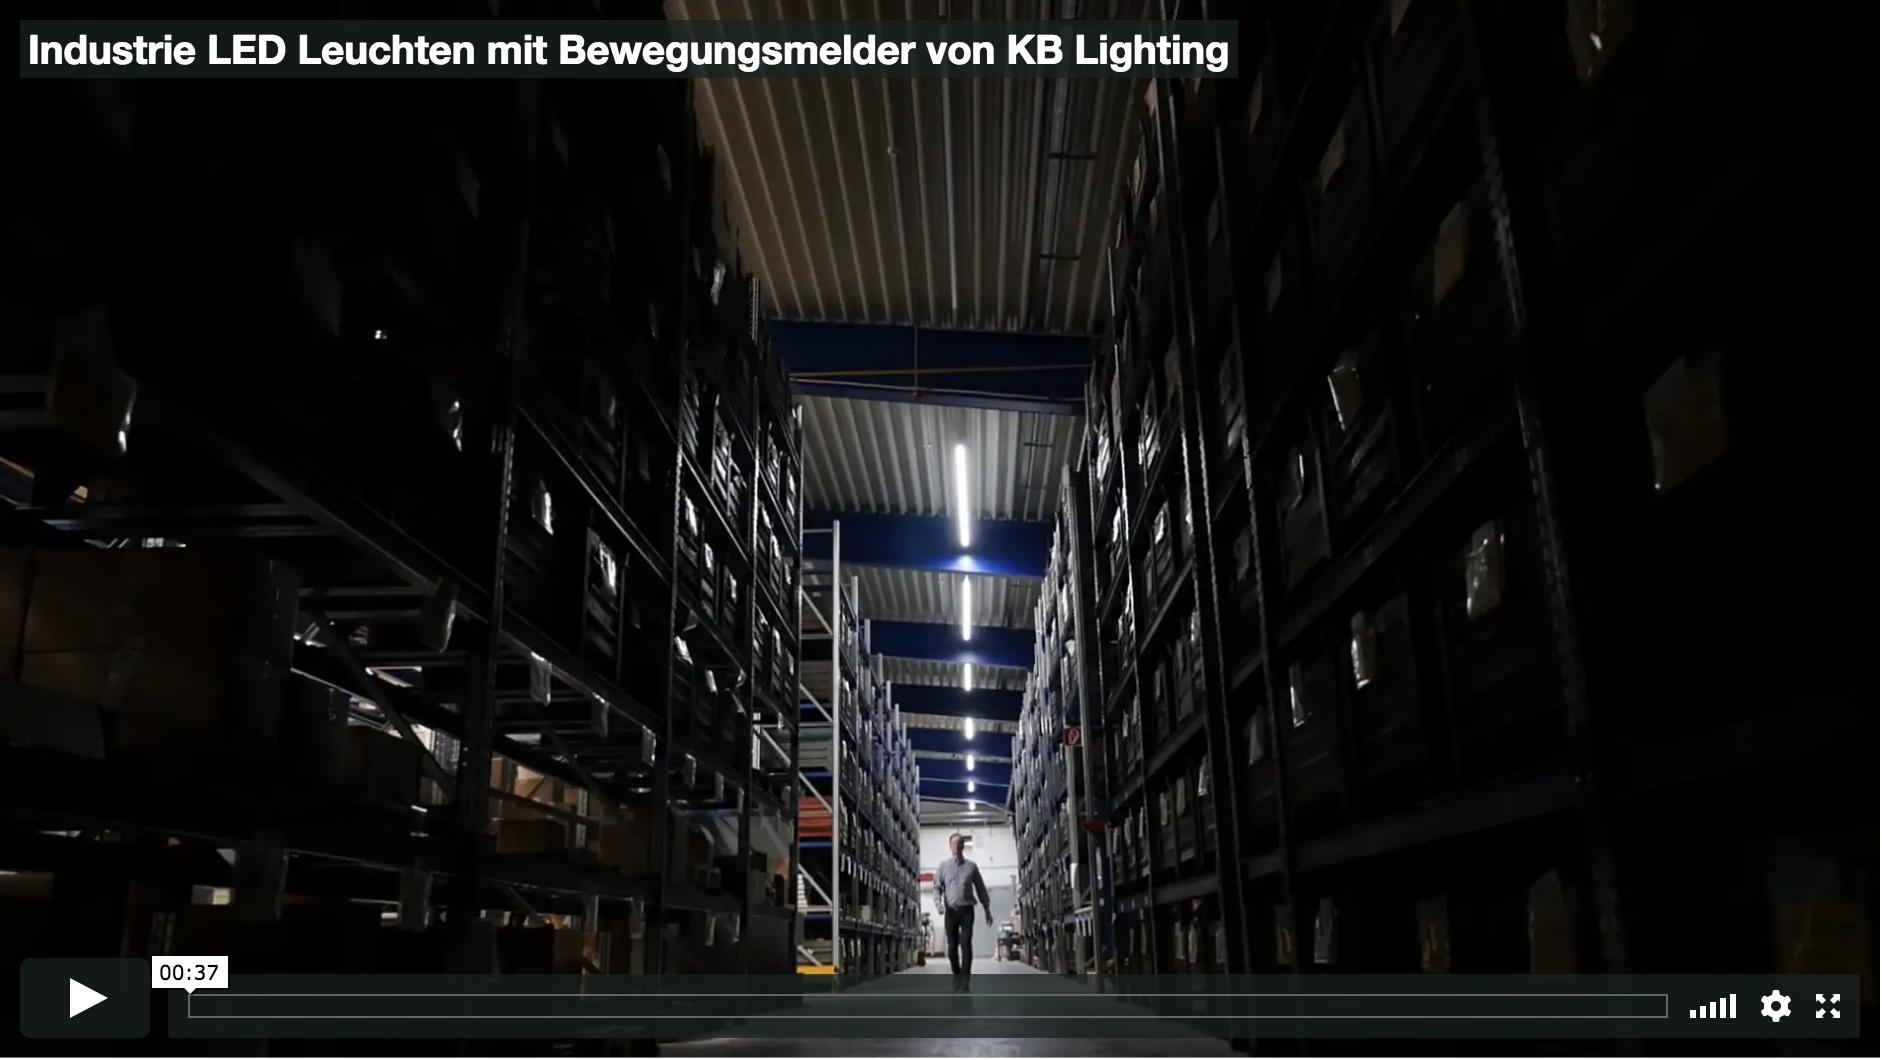 Videoplatzhalter KB Silverline.pro LED Leuchten mit Bewegungsmelder